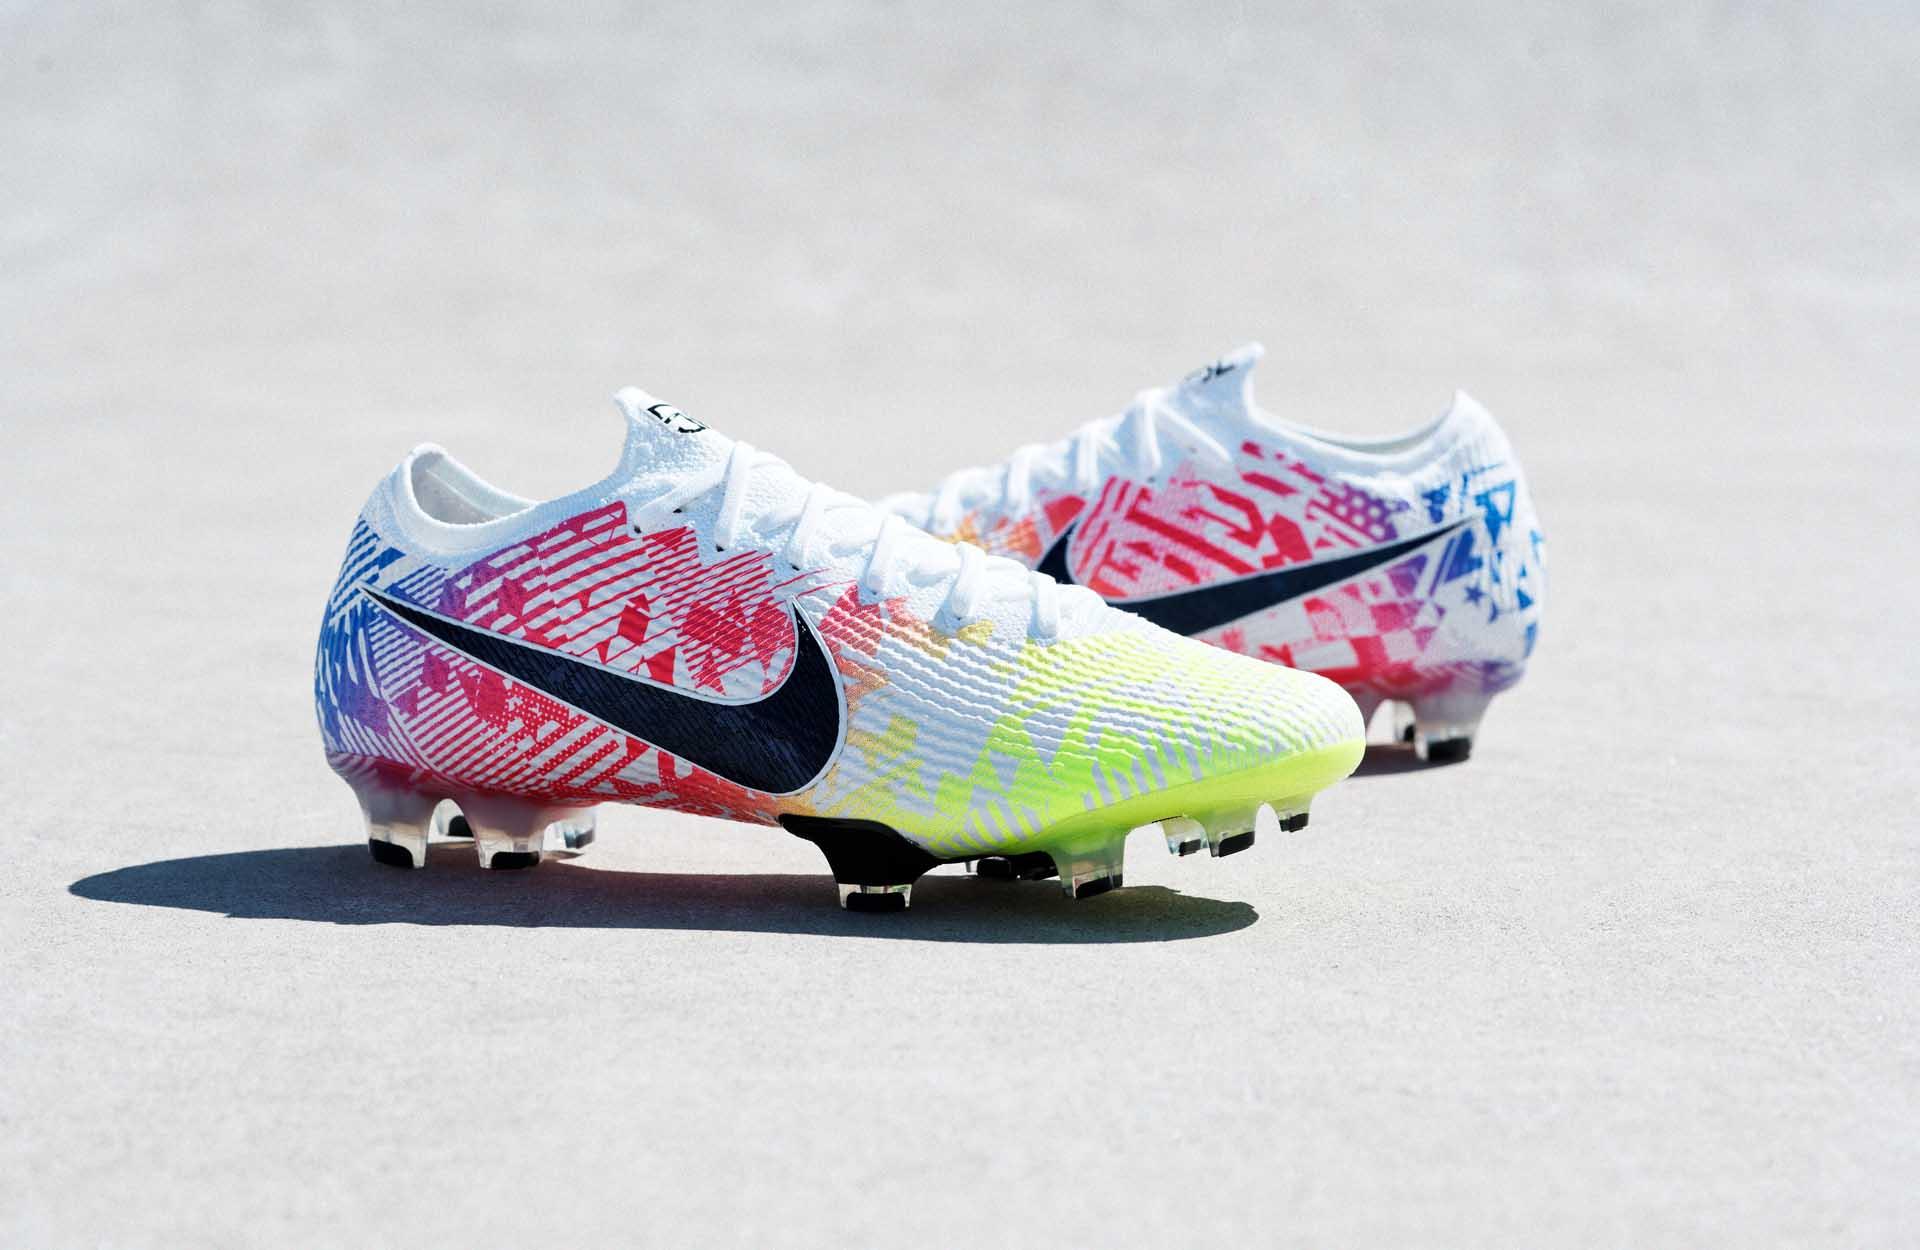 Đôi giày đá bóng mới của Neymar thuộc dòng giày Nike Mercurial Vapor 13